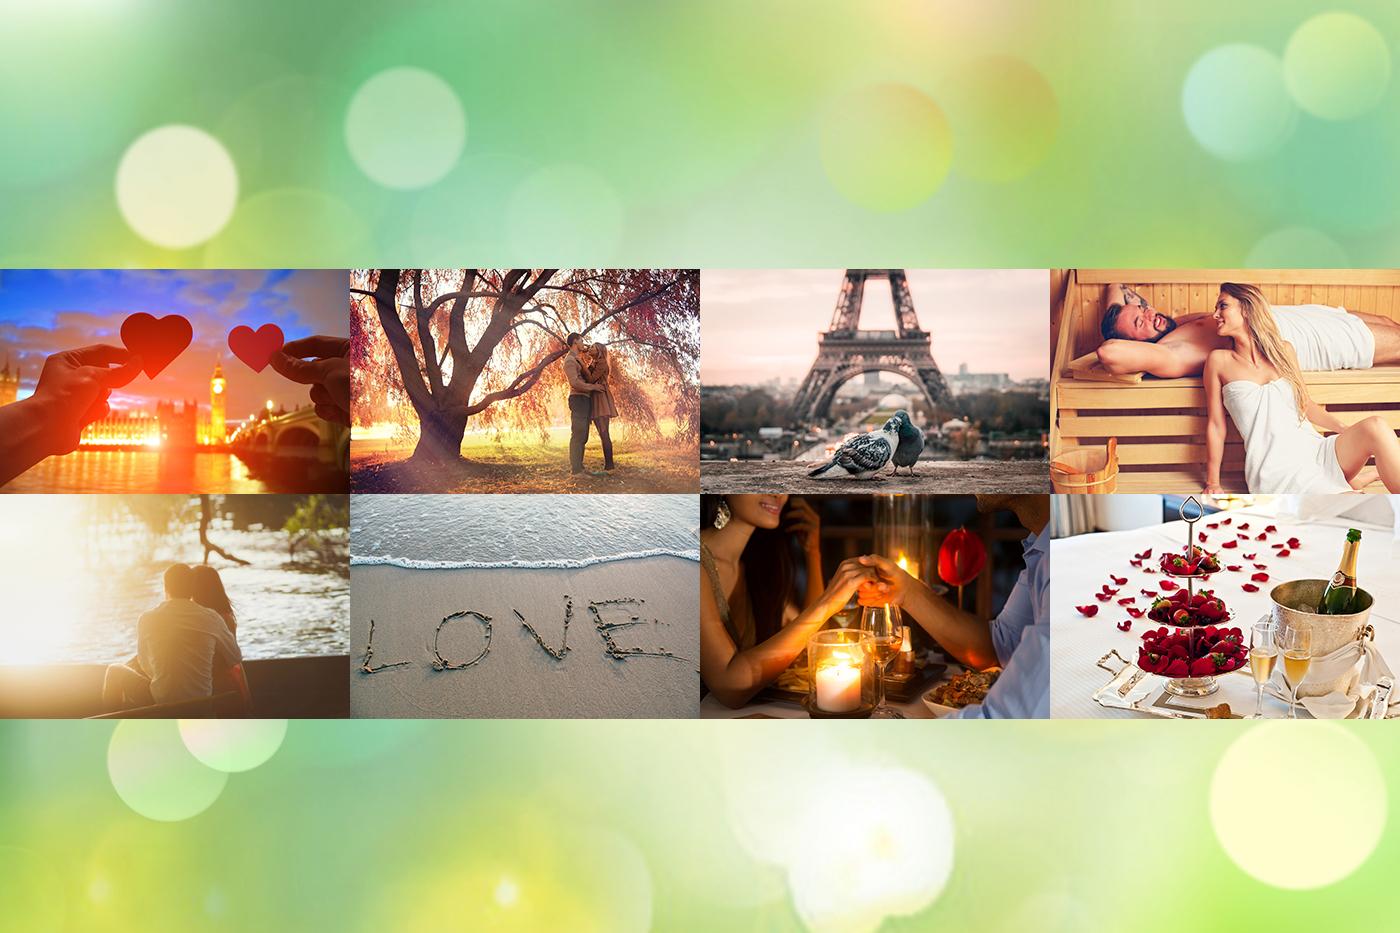 Romantische belevenis naar keuze!